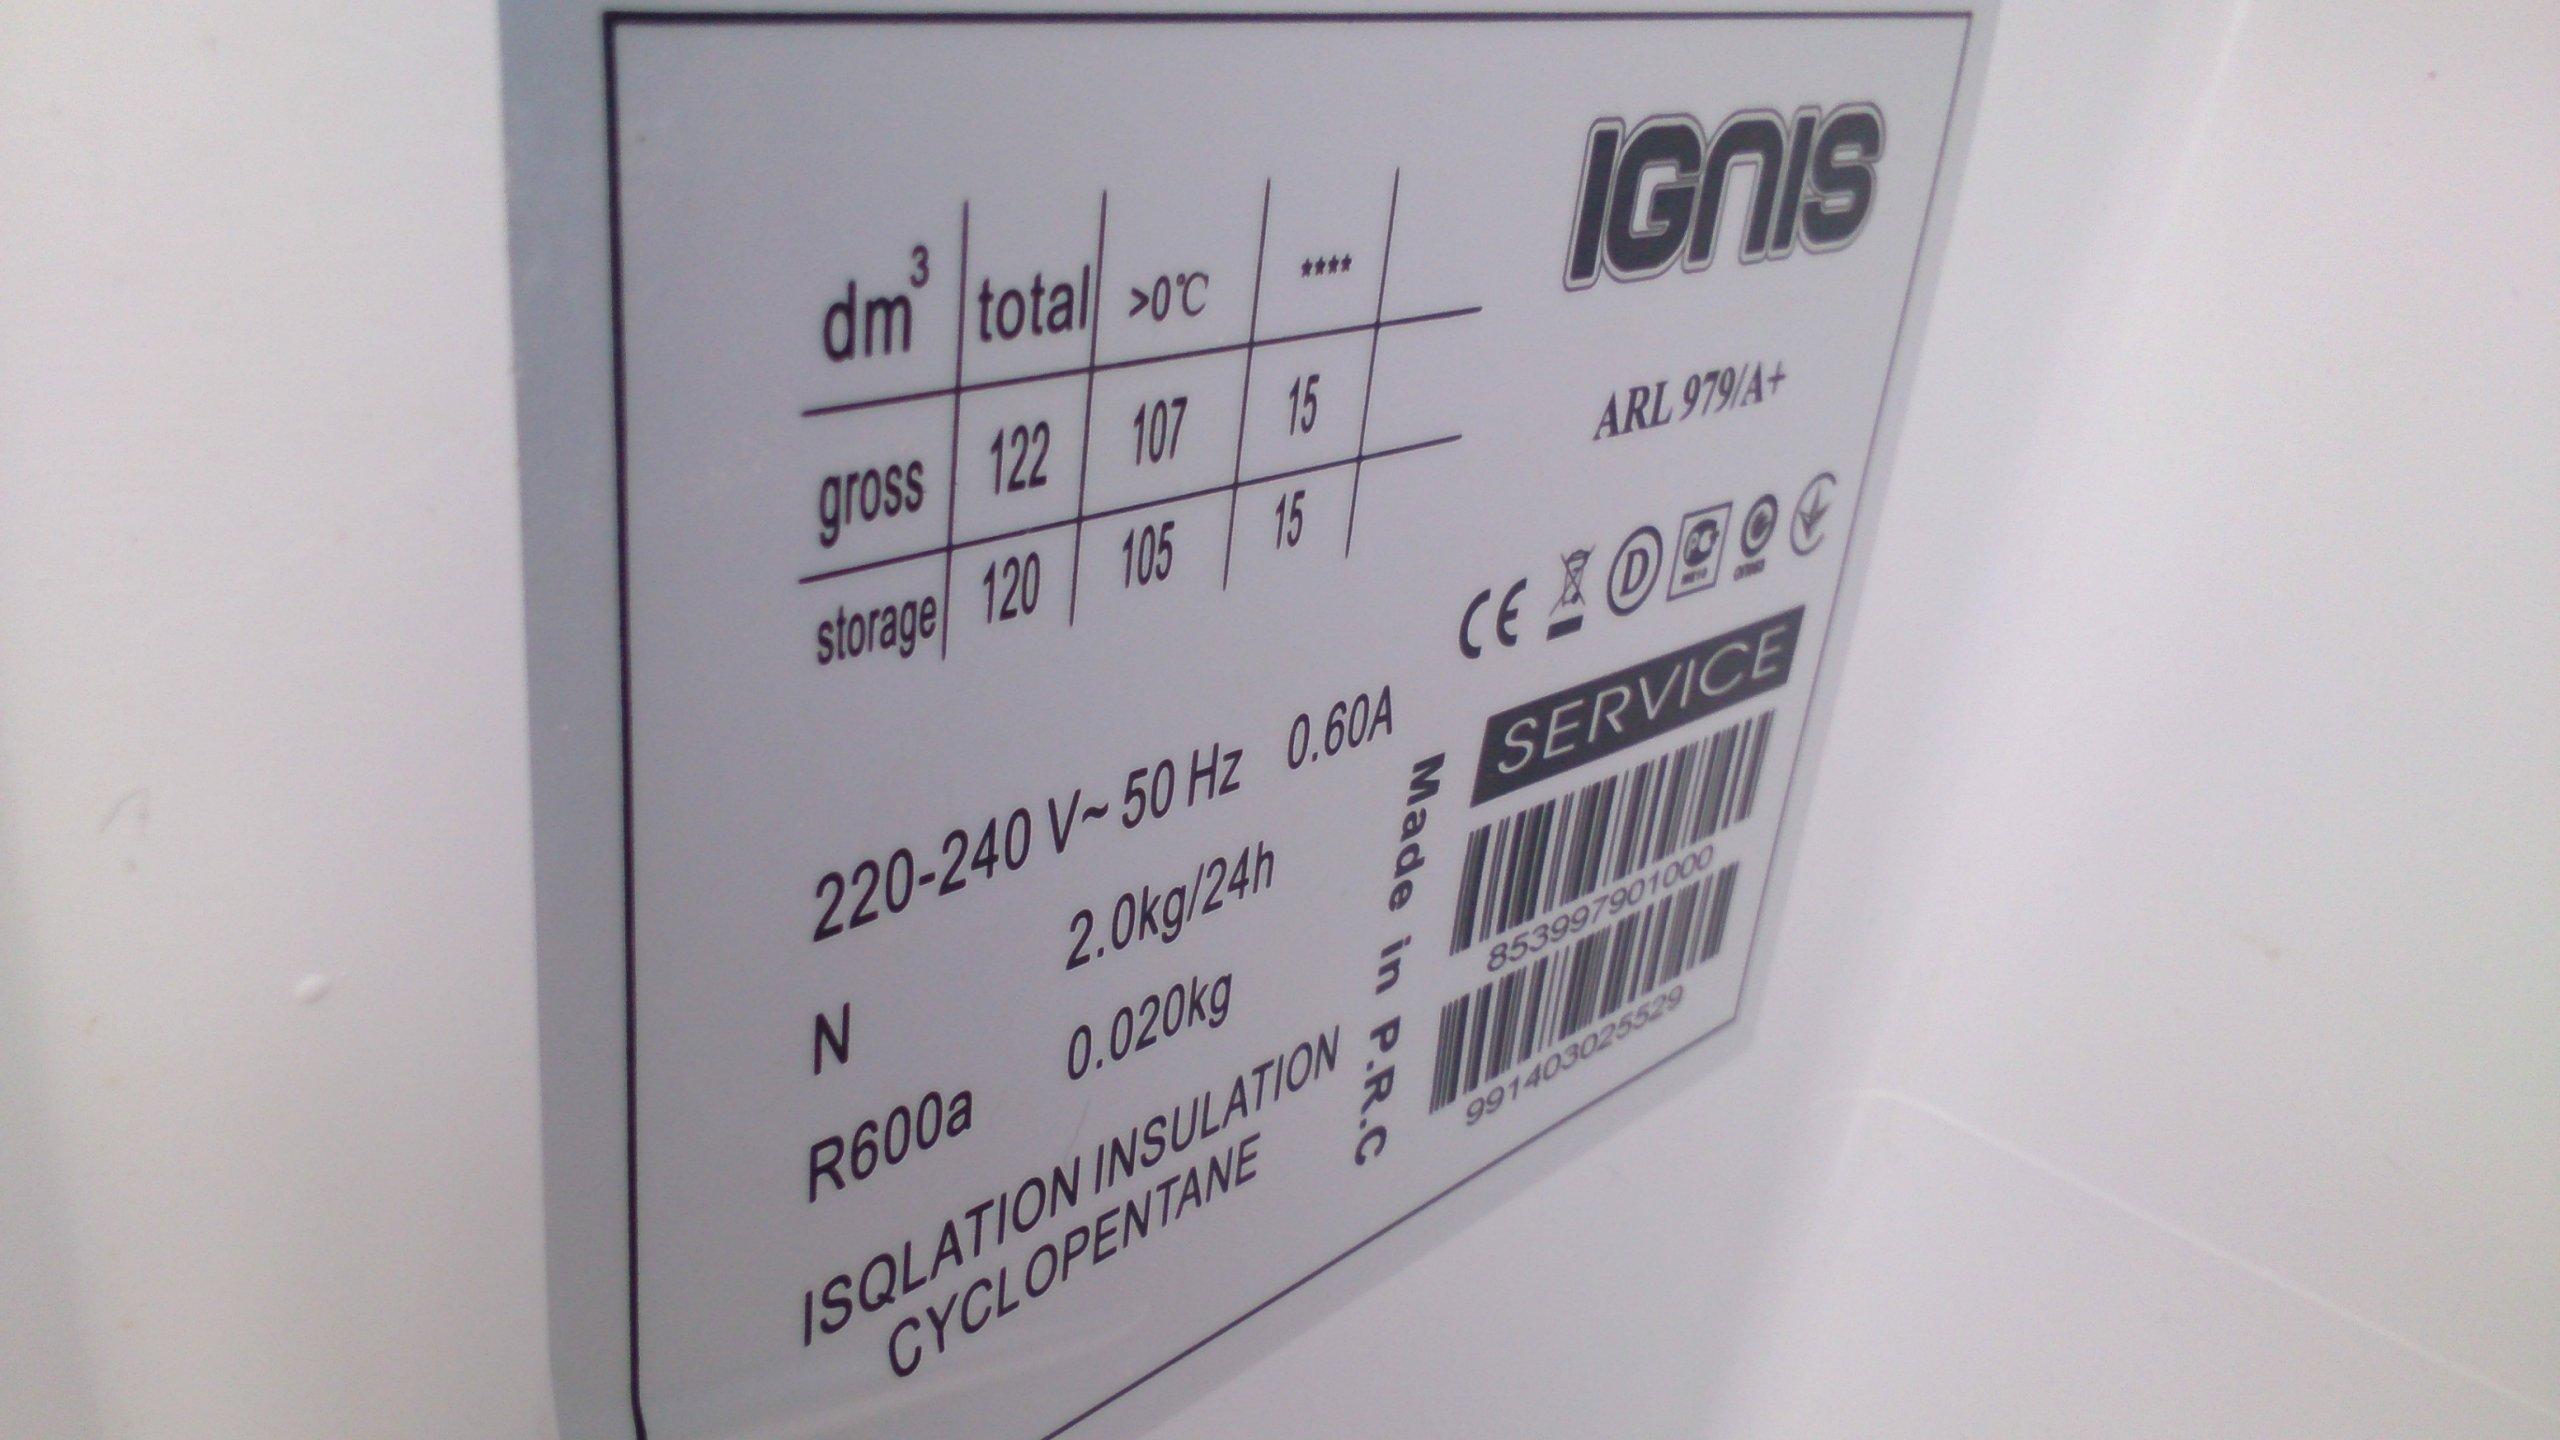 Mini Kühlschrank Möbelix : Möbelix angebote sortimentswechsel seite no gültig von ignis